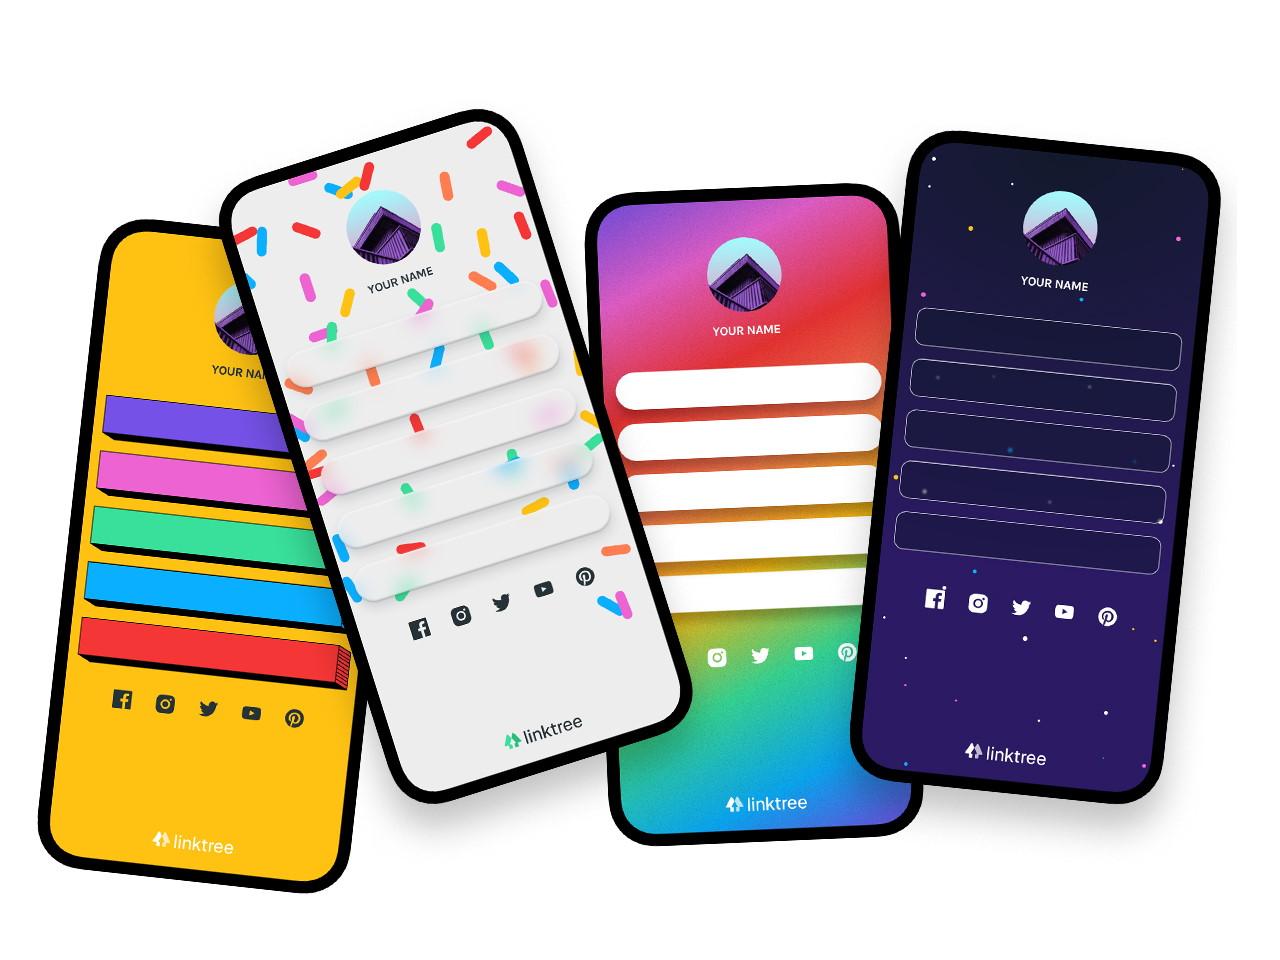 linktree social sharing tool